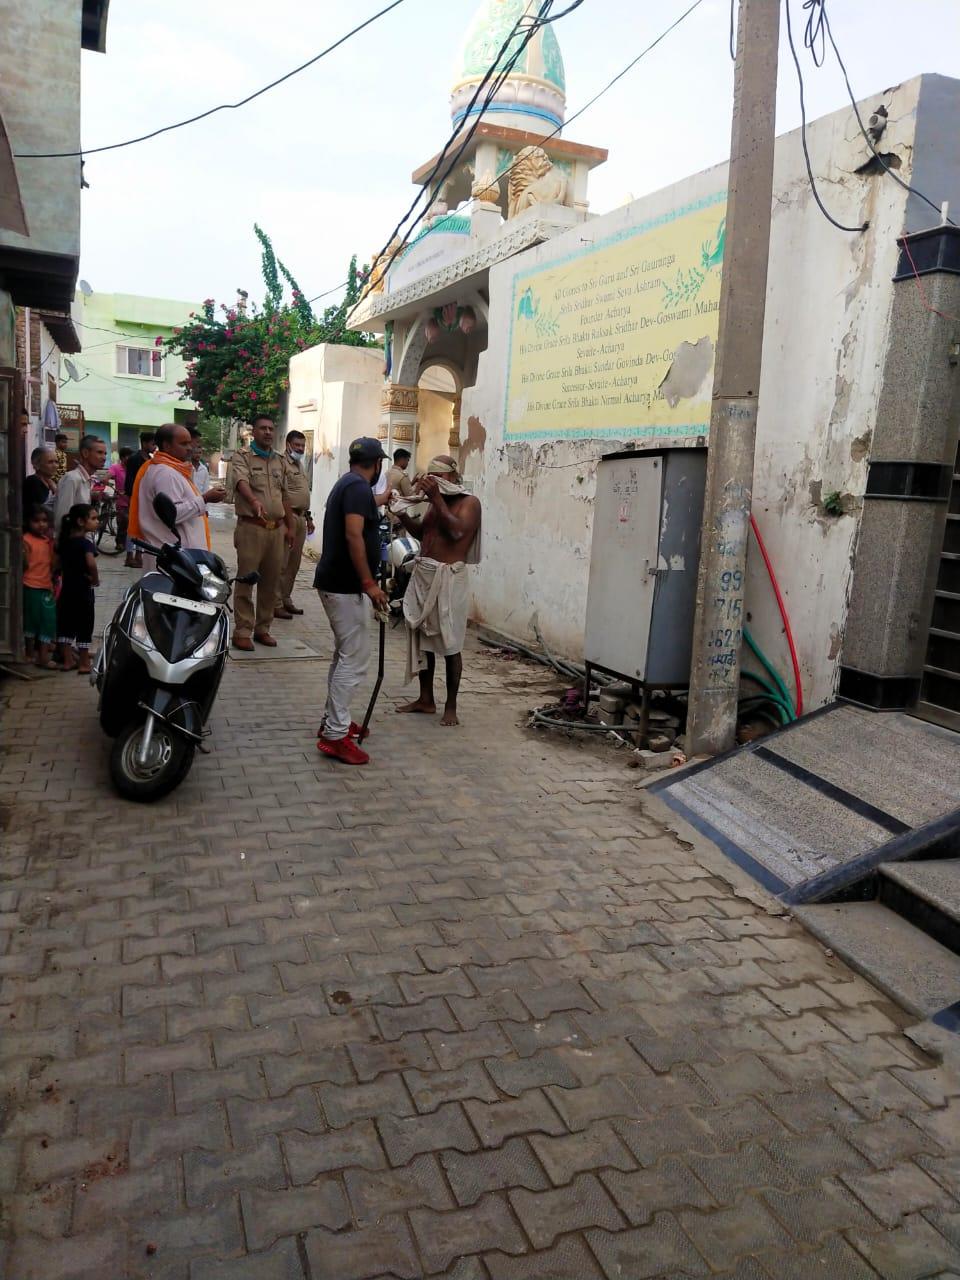 मारपीट की सूचना पर पहुंची पुलिस ने 3 लोगों को हिरासत में लिया। - Dainik Bhaskar